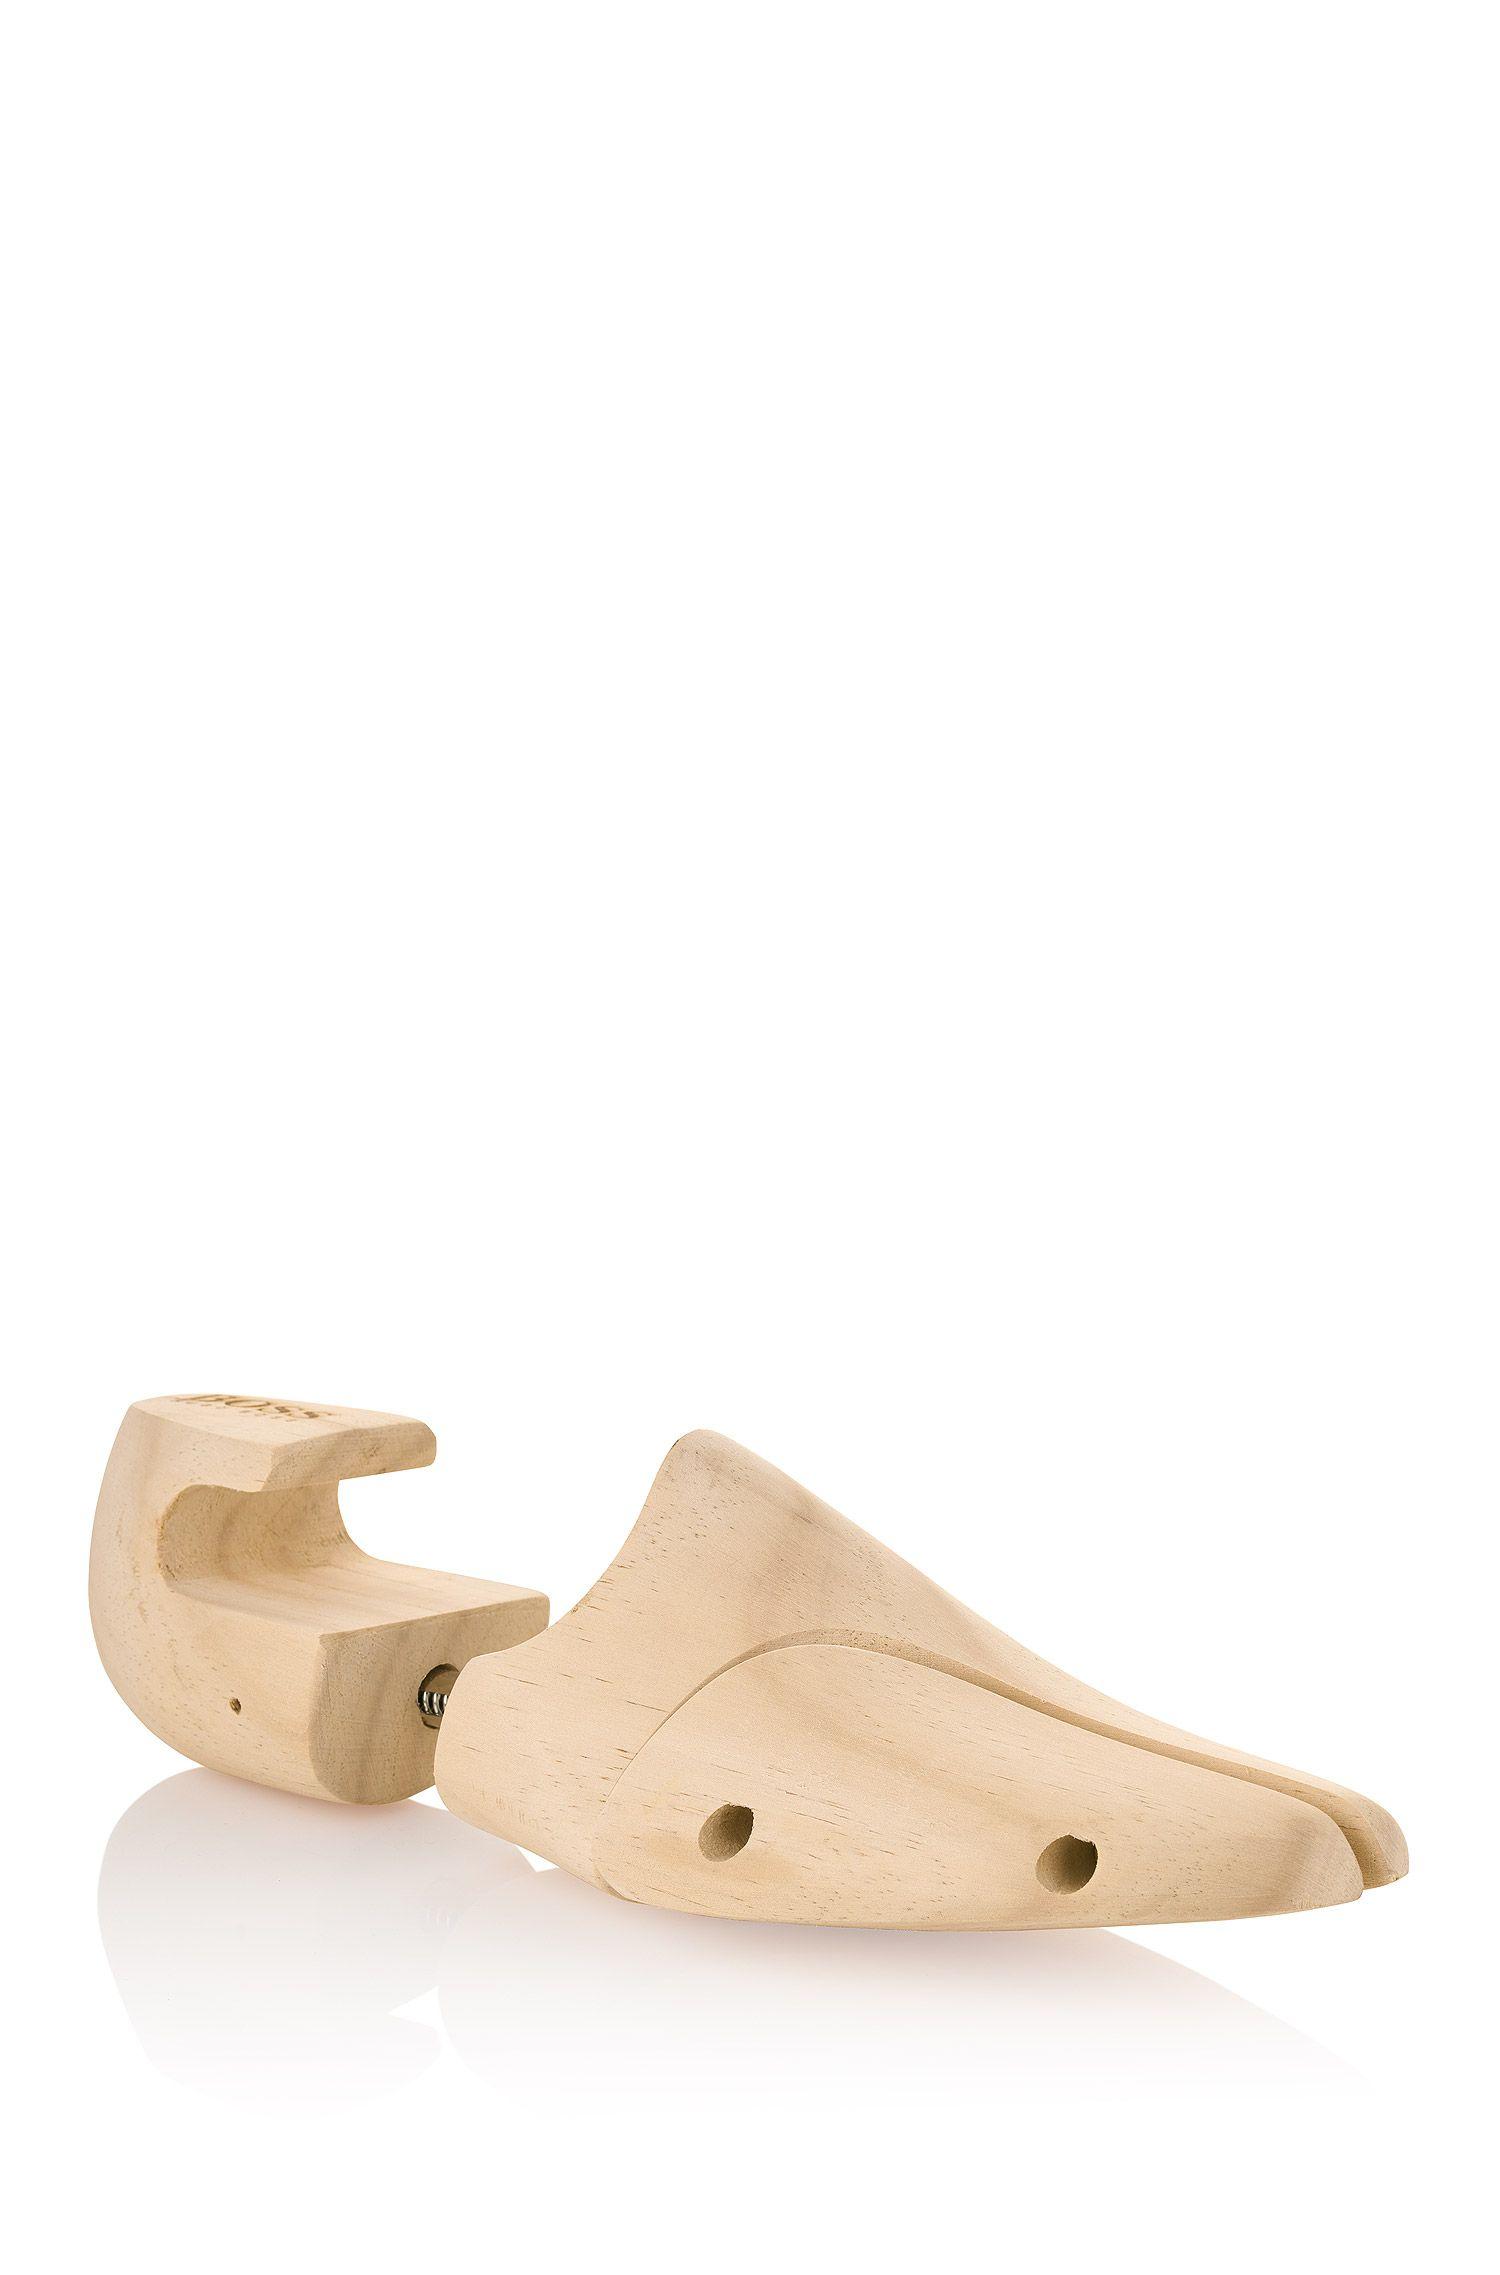 Schoenspanner 'SHOETREE' van grenenhout